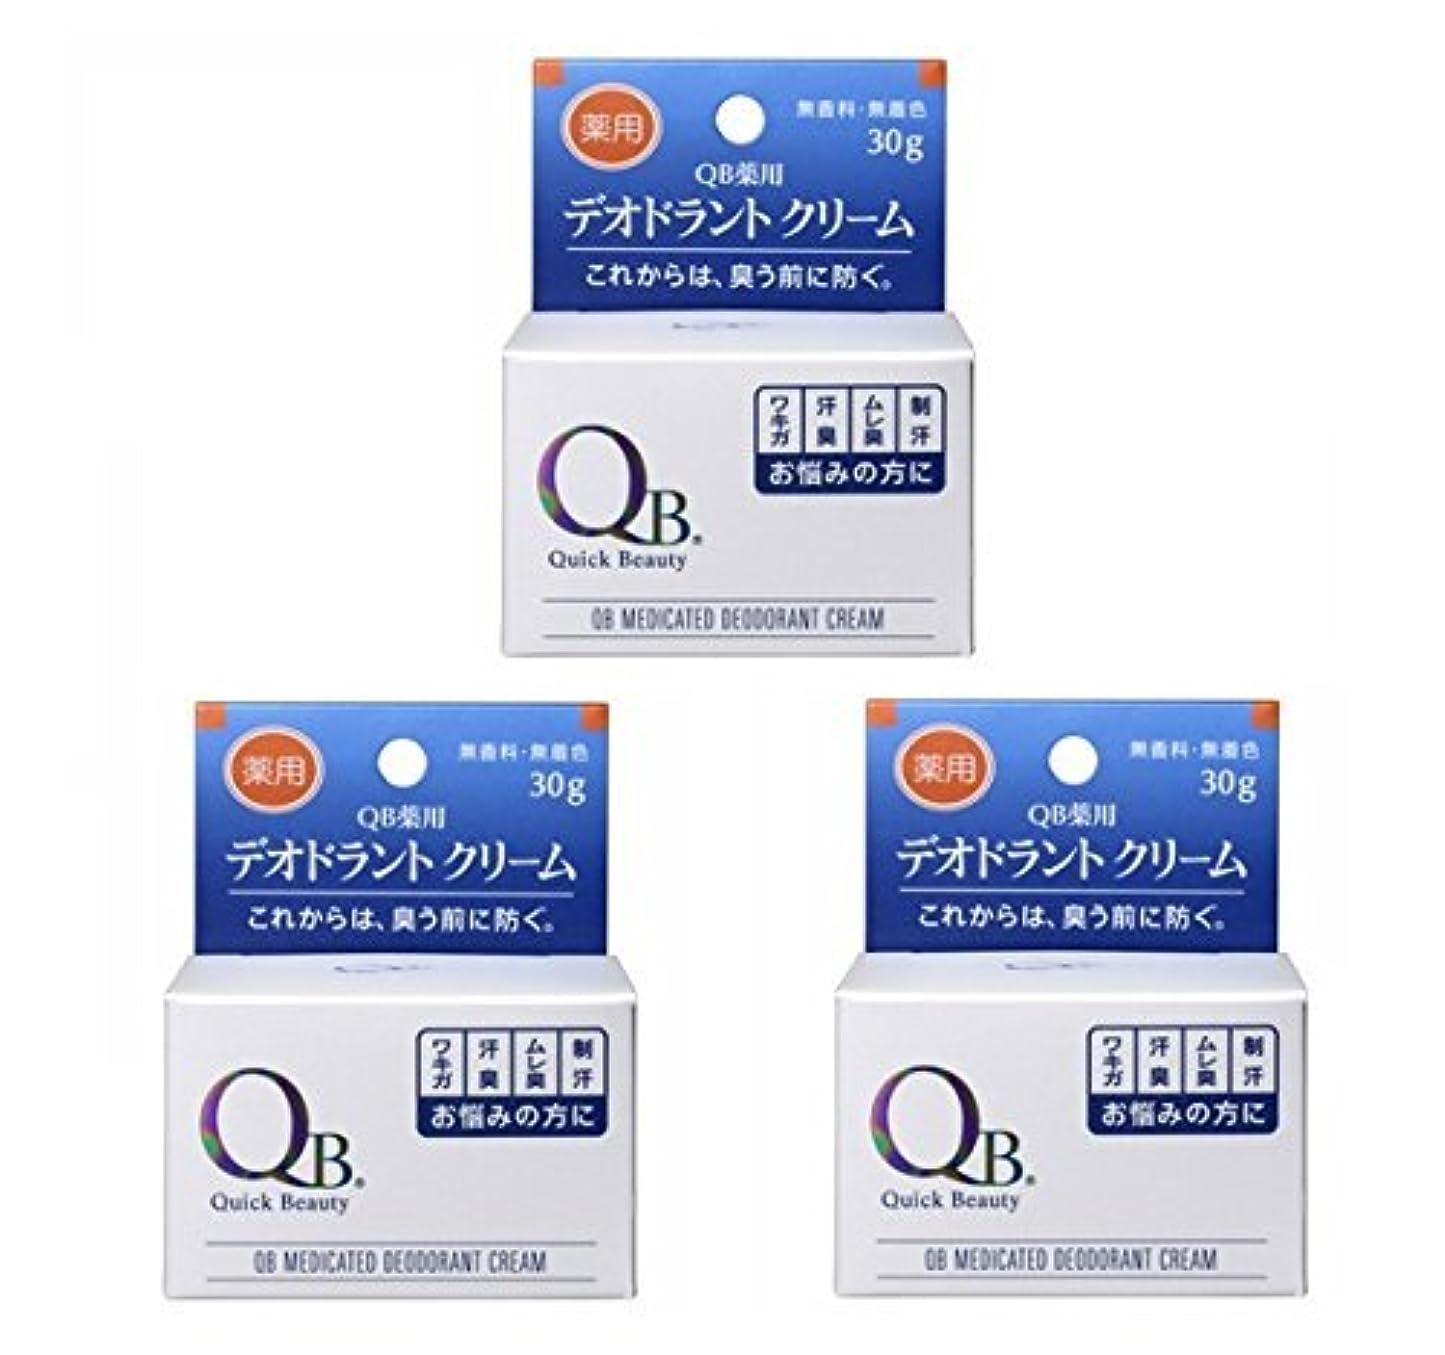 順番代替温度QB薬用デオドラントクリーム 30g×3個セット